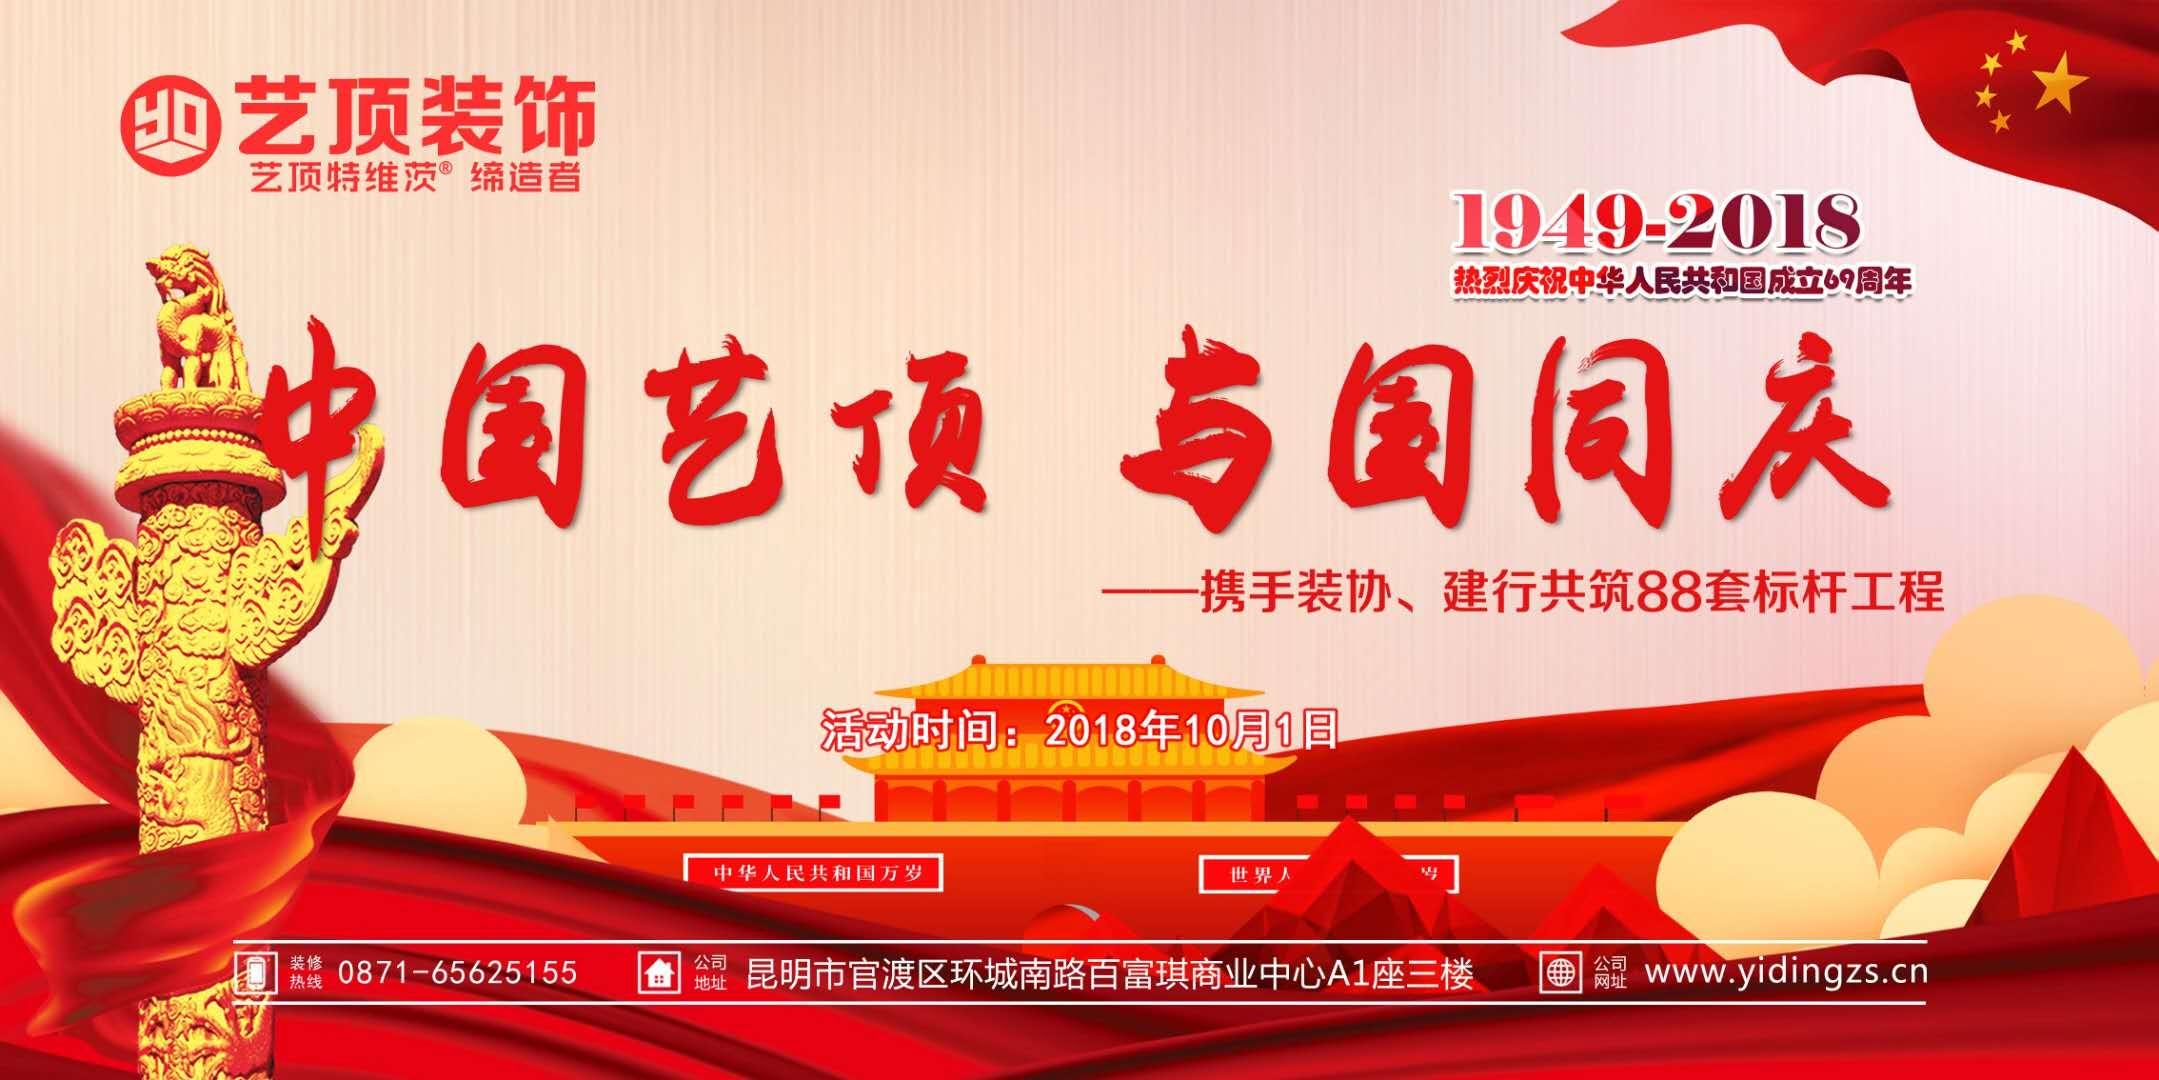 中国艺顶 与国同庆